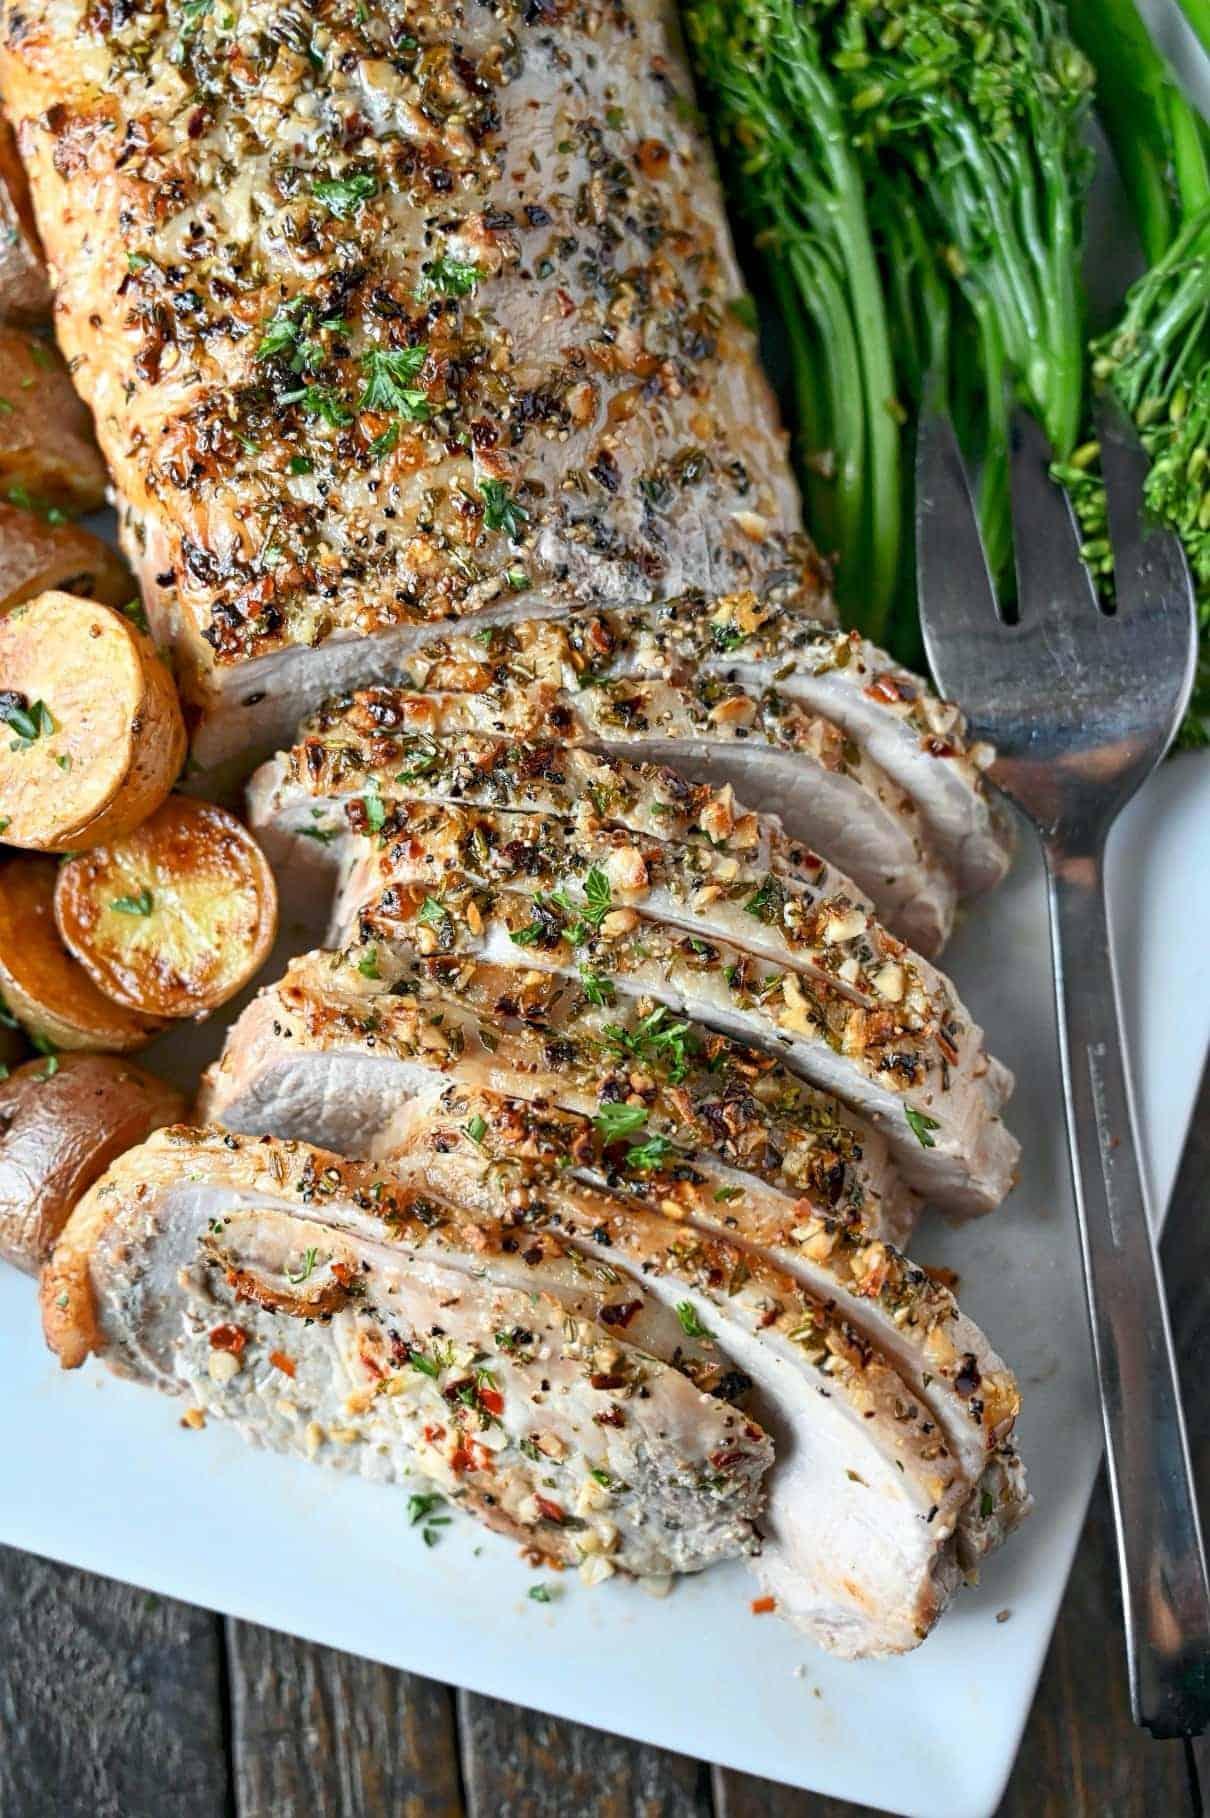 Filet de porc crustat cu ierburi feliat pe o farfurie albă.  Cu o latură de broccolini și cartofi prăjiți.